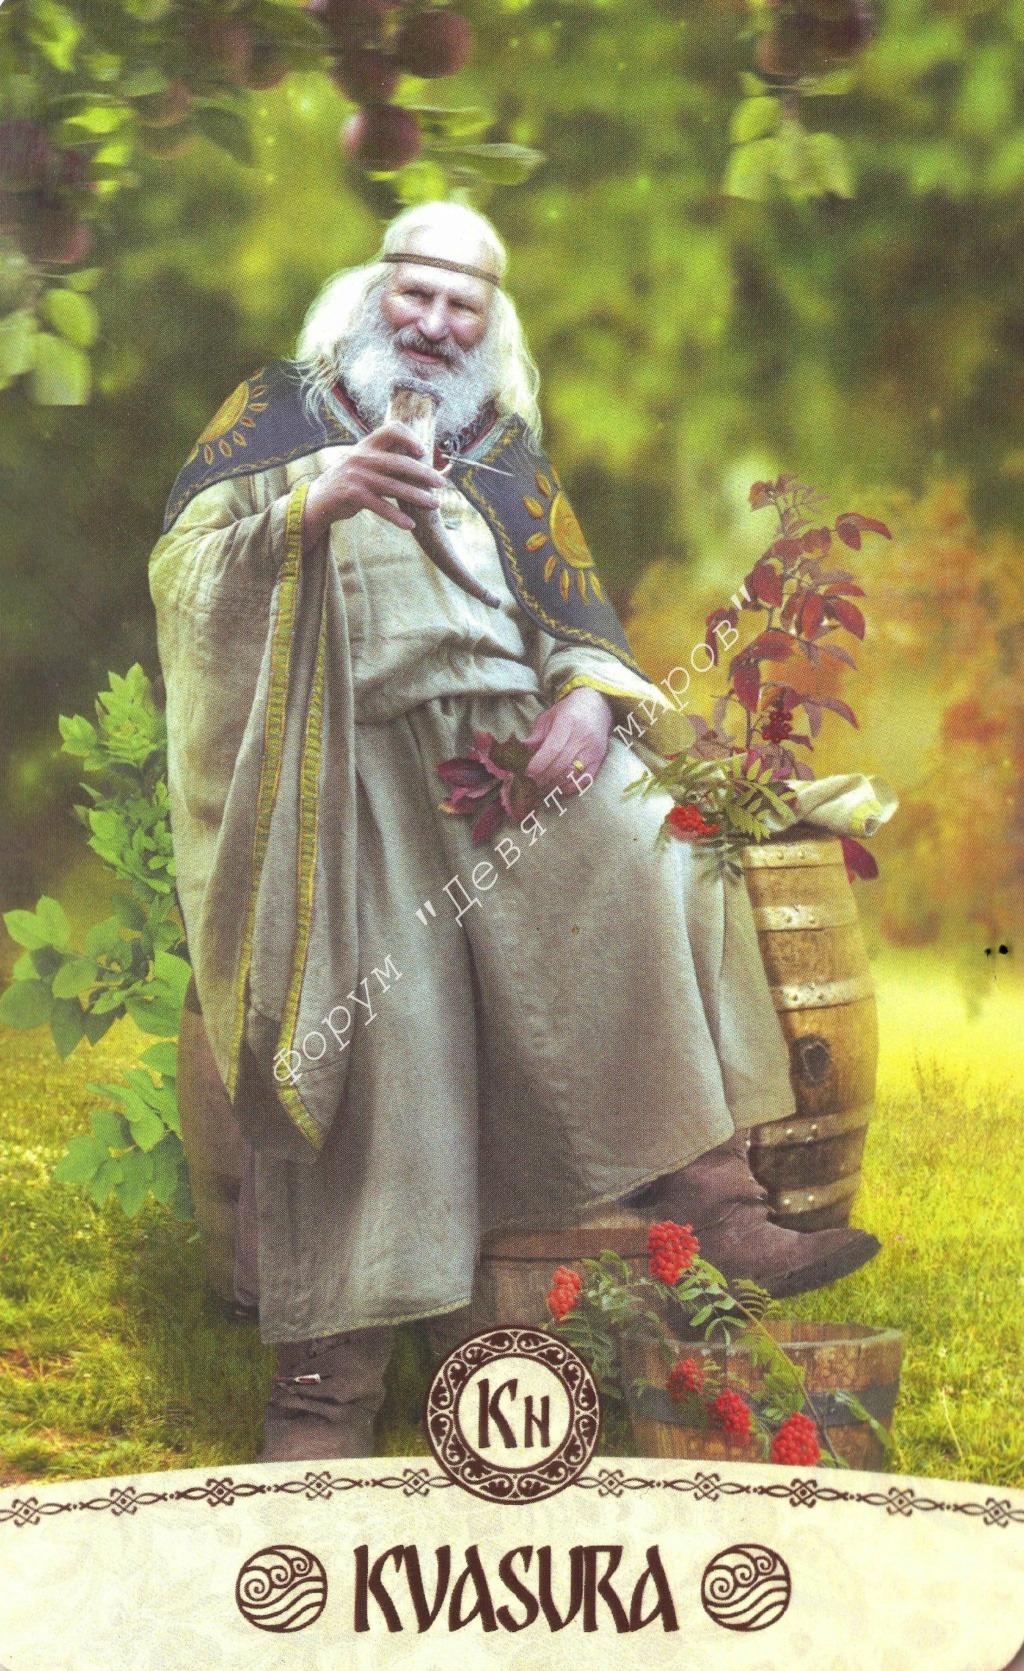 """Таро """"Cult of Wisdom"""" """"Культ мудрости"""" (описание карт) - Страница 3 Water327"""